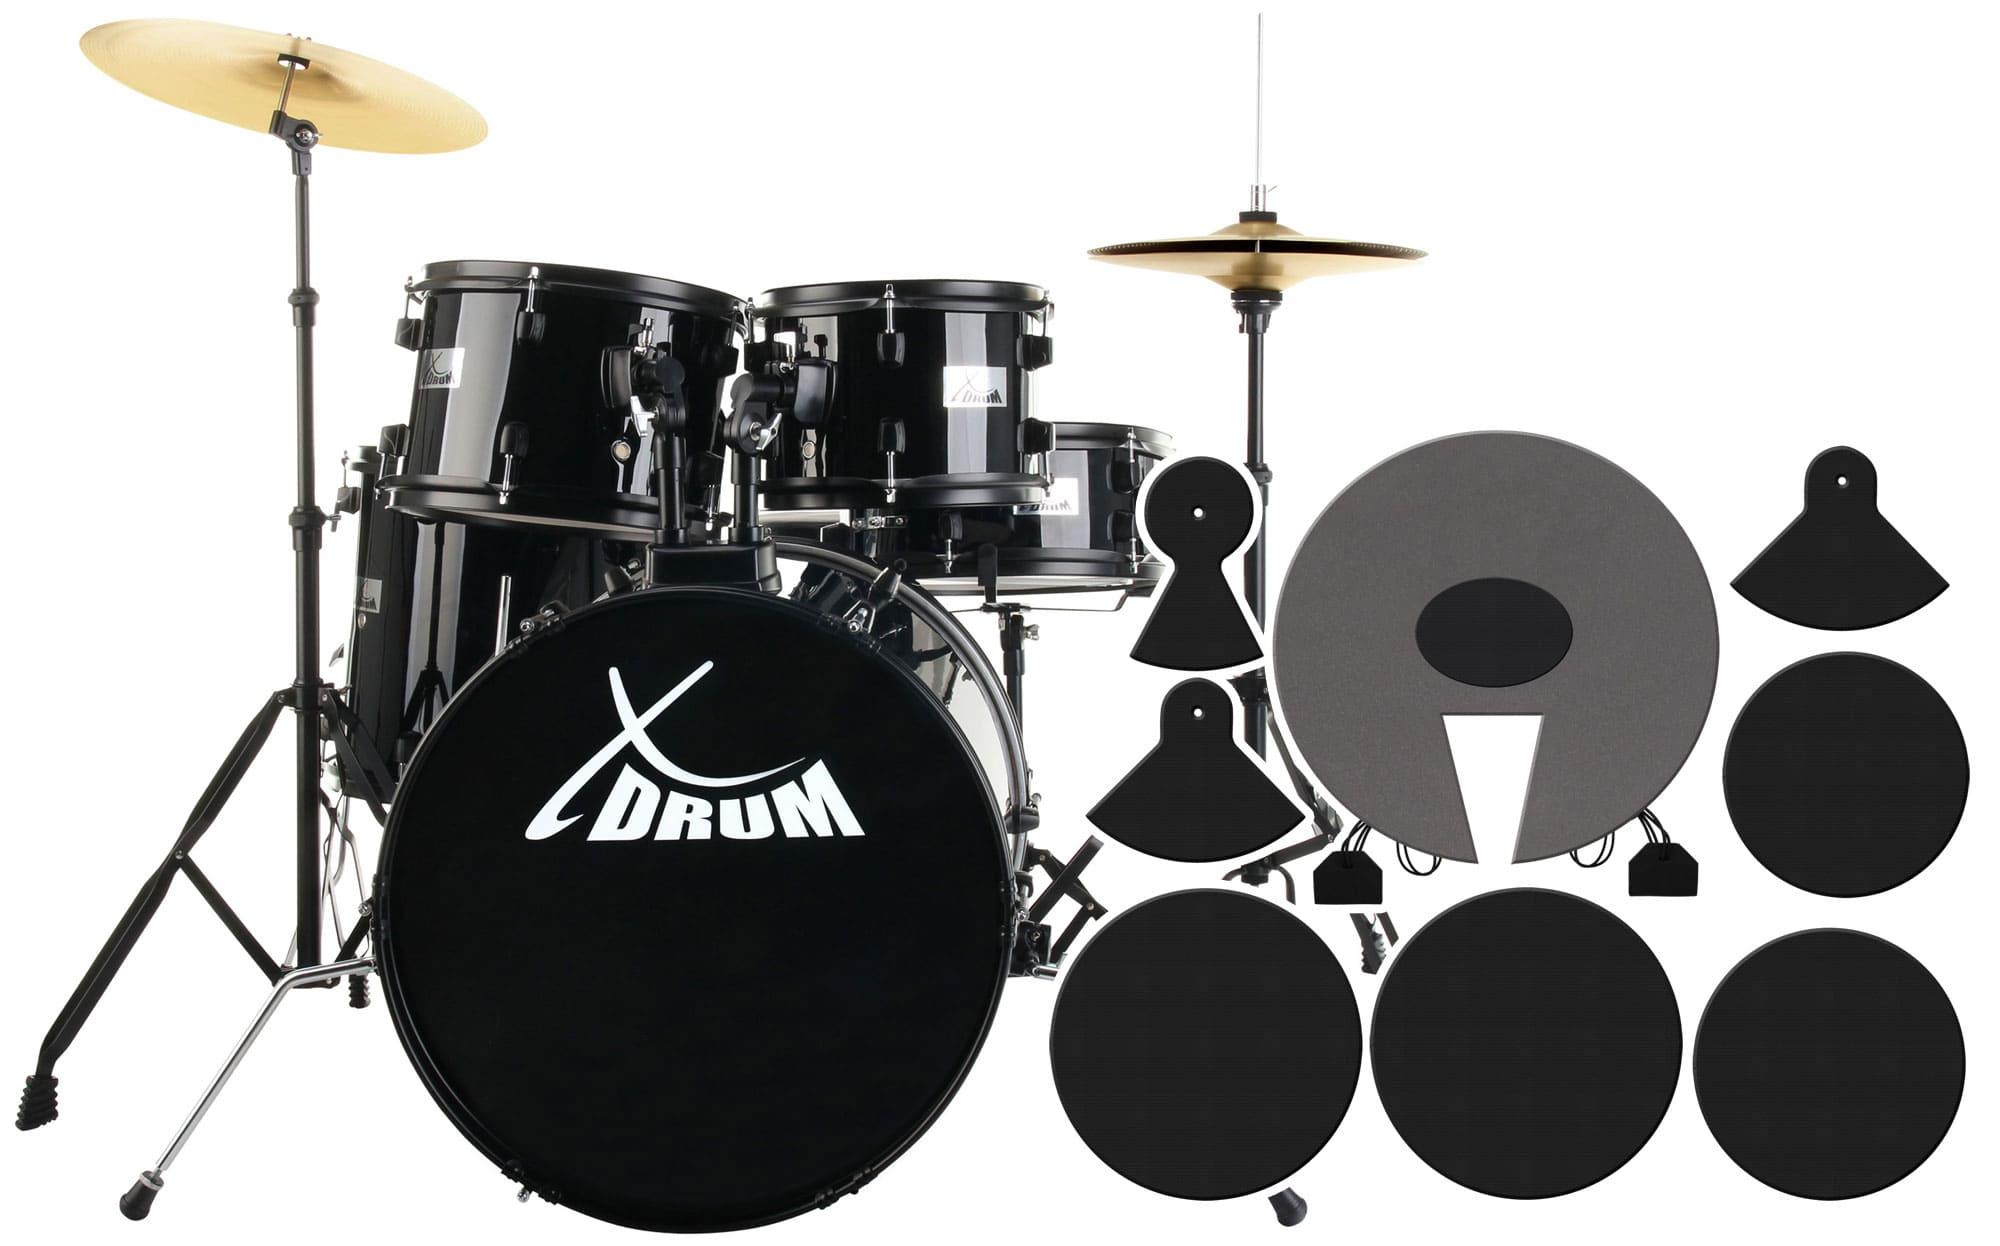 XDrum Rookie 20' Studio Schlagzeug Black plus Dämpferset